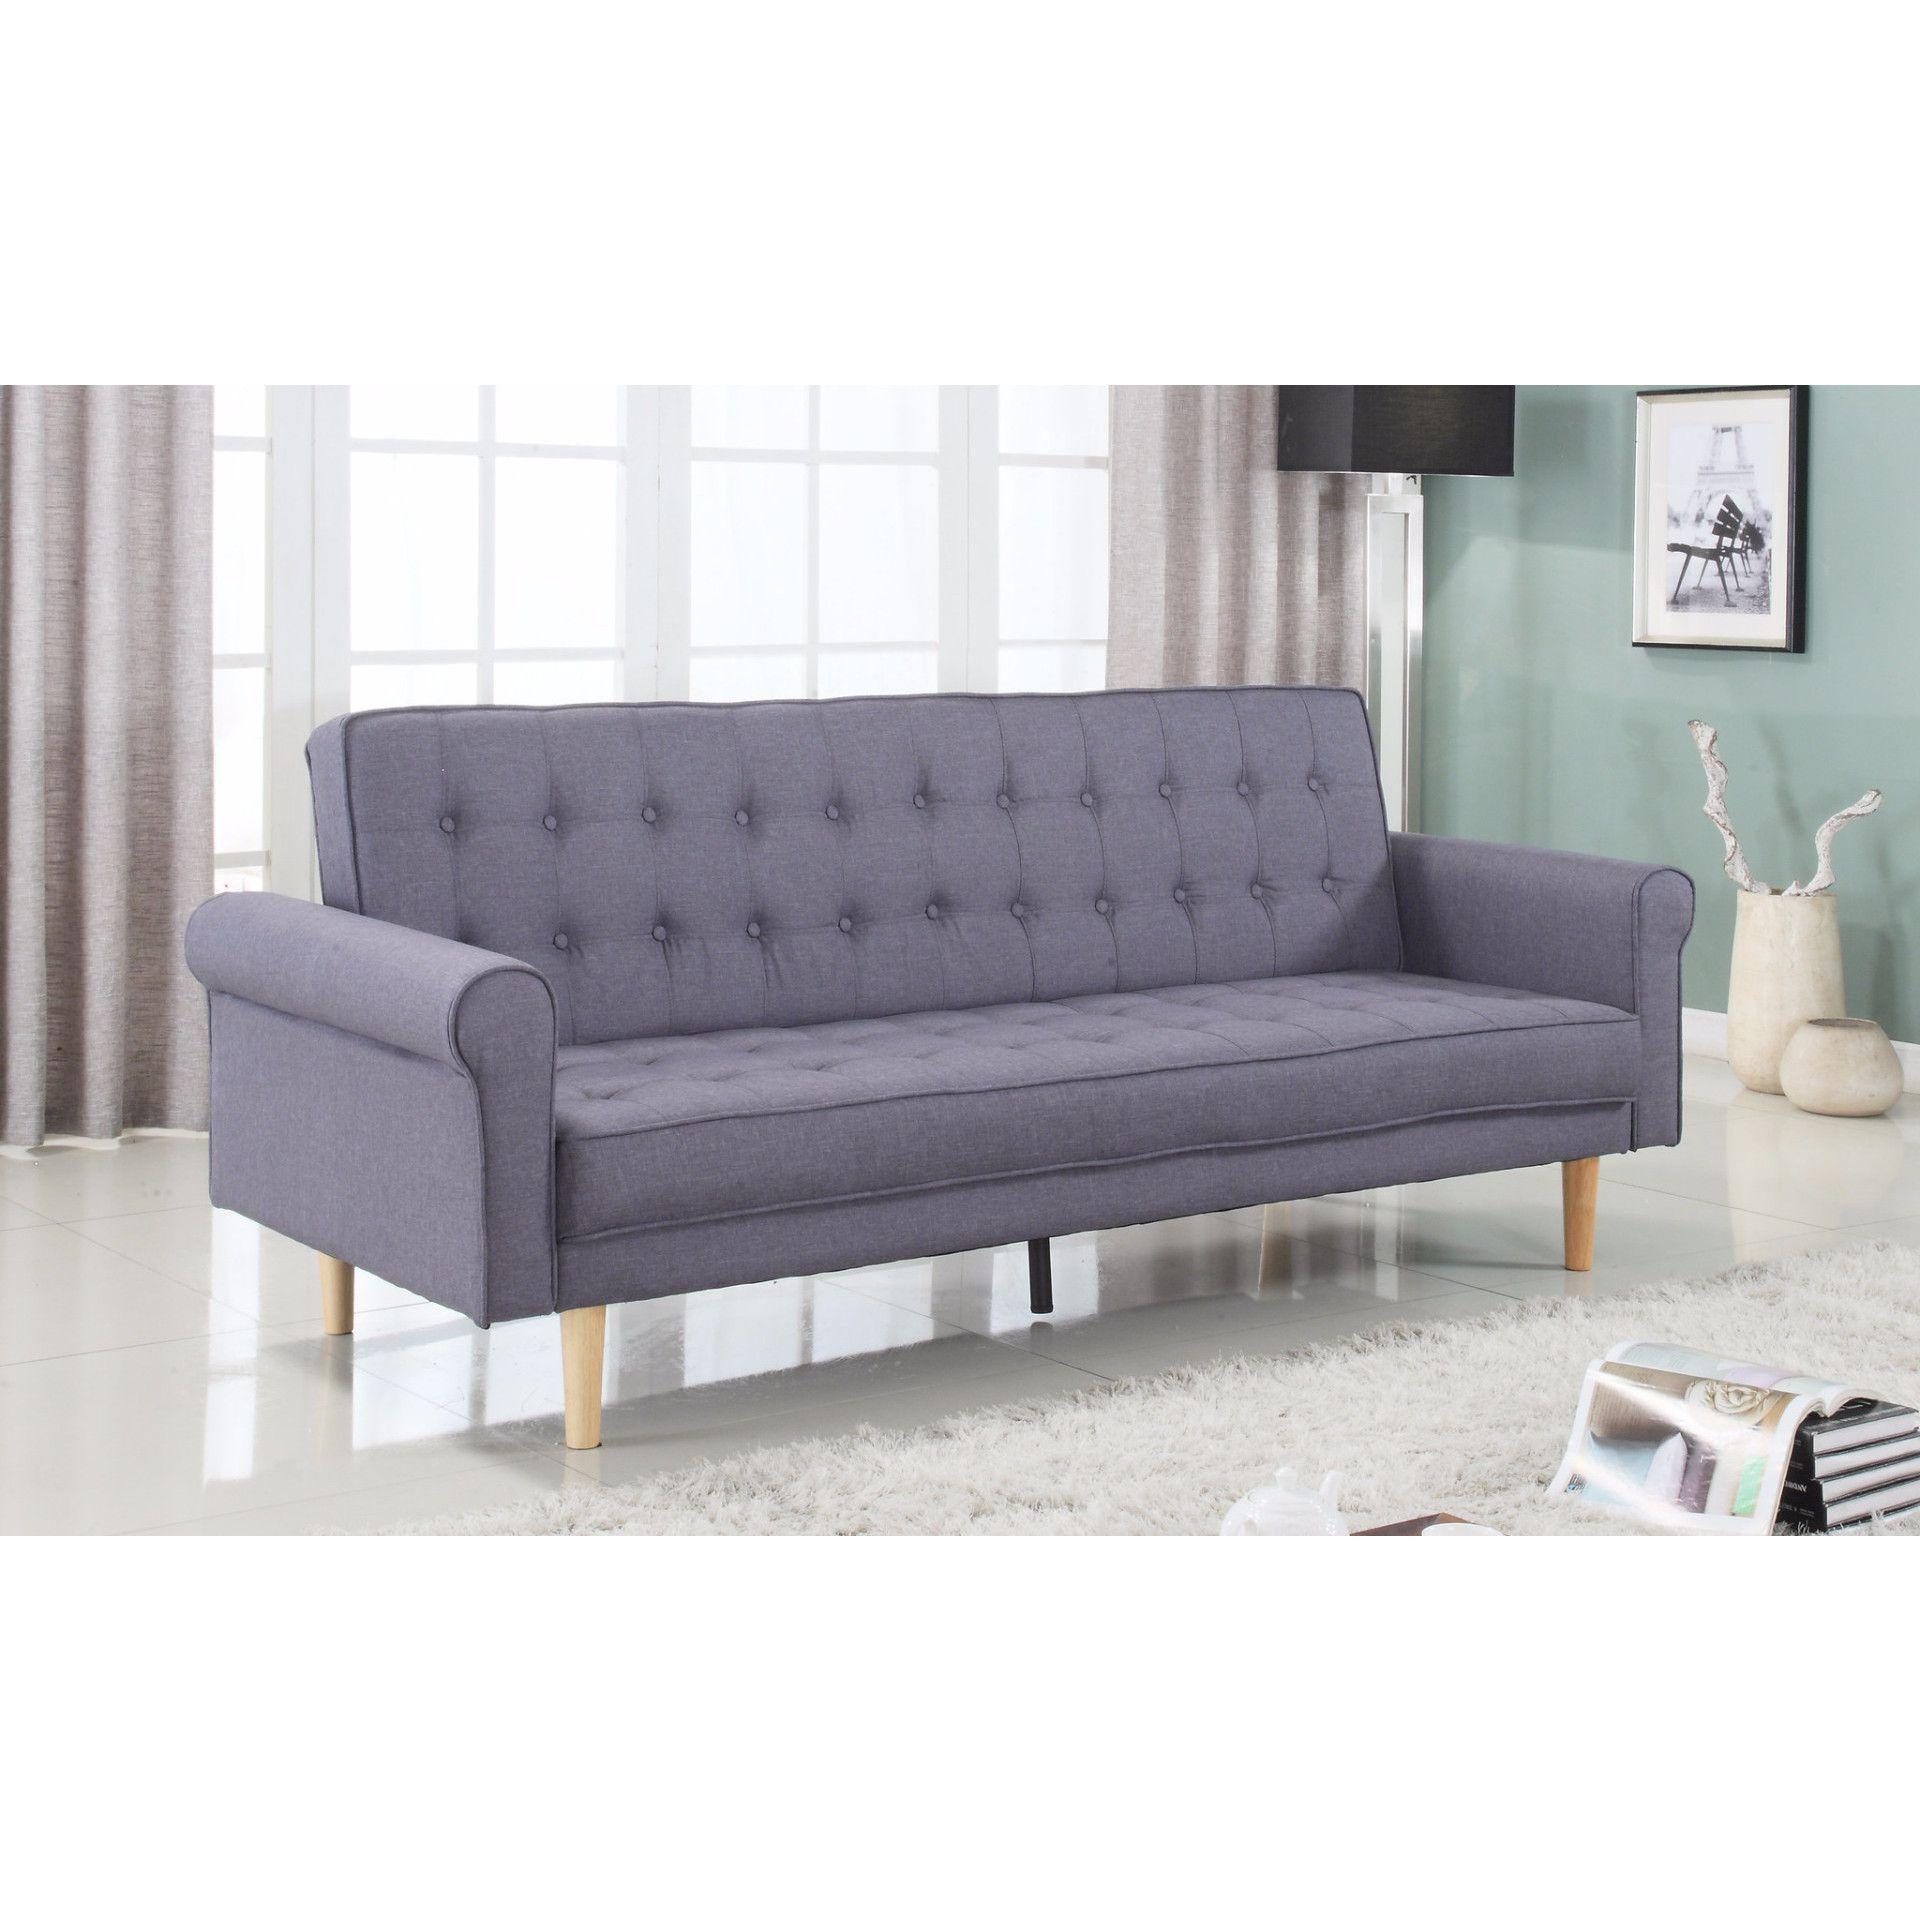 Greytanwhitemodern sofas hizzzome pinterest mid